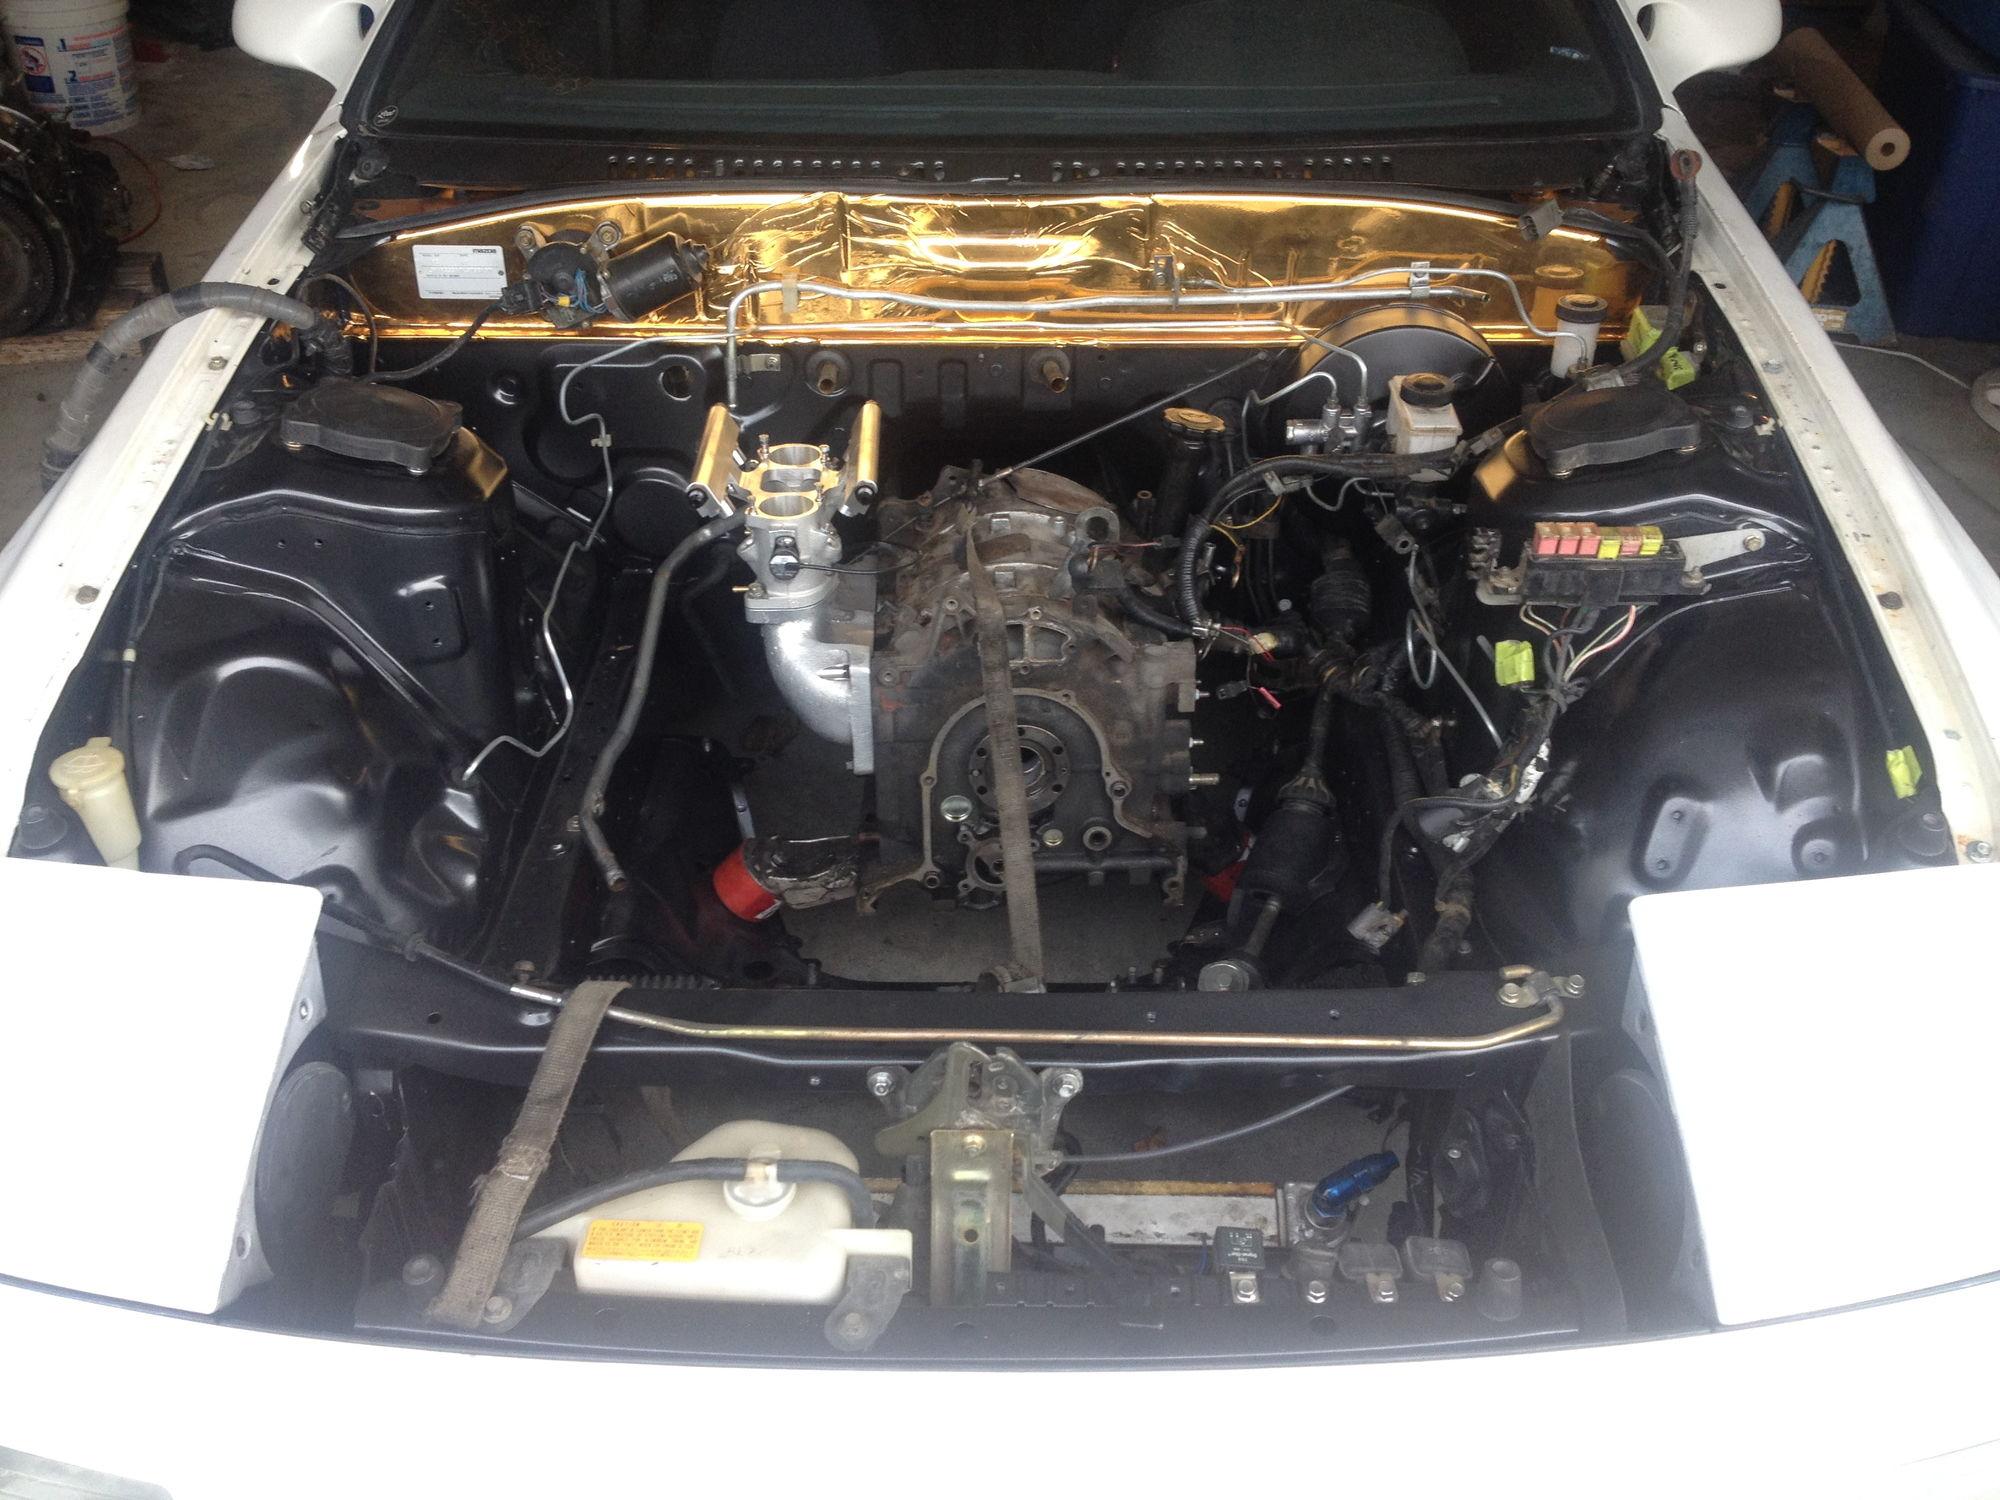 Austin 7 Engine Rebuild Cost 2018 Dodge Reviews